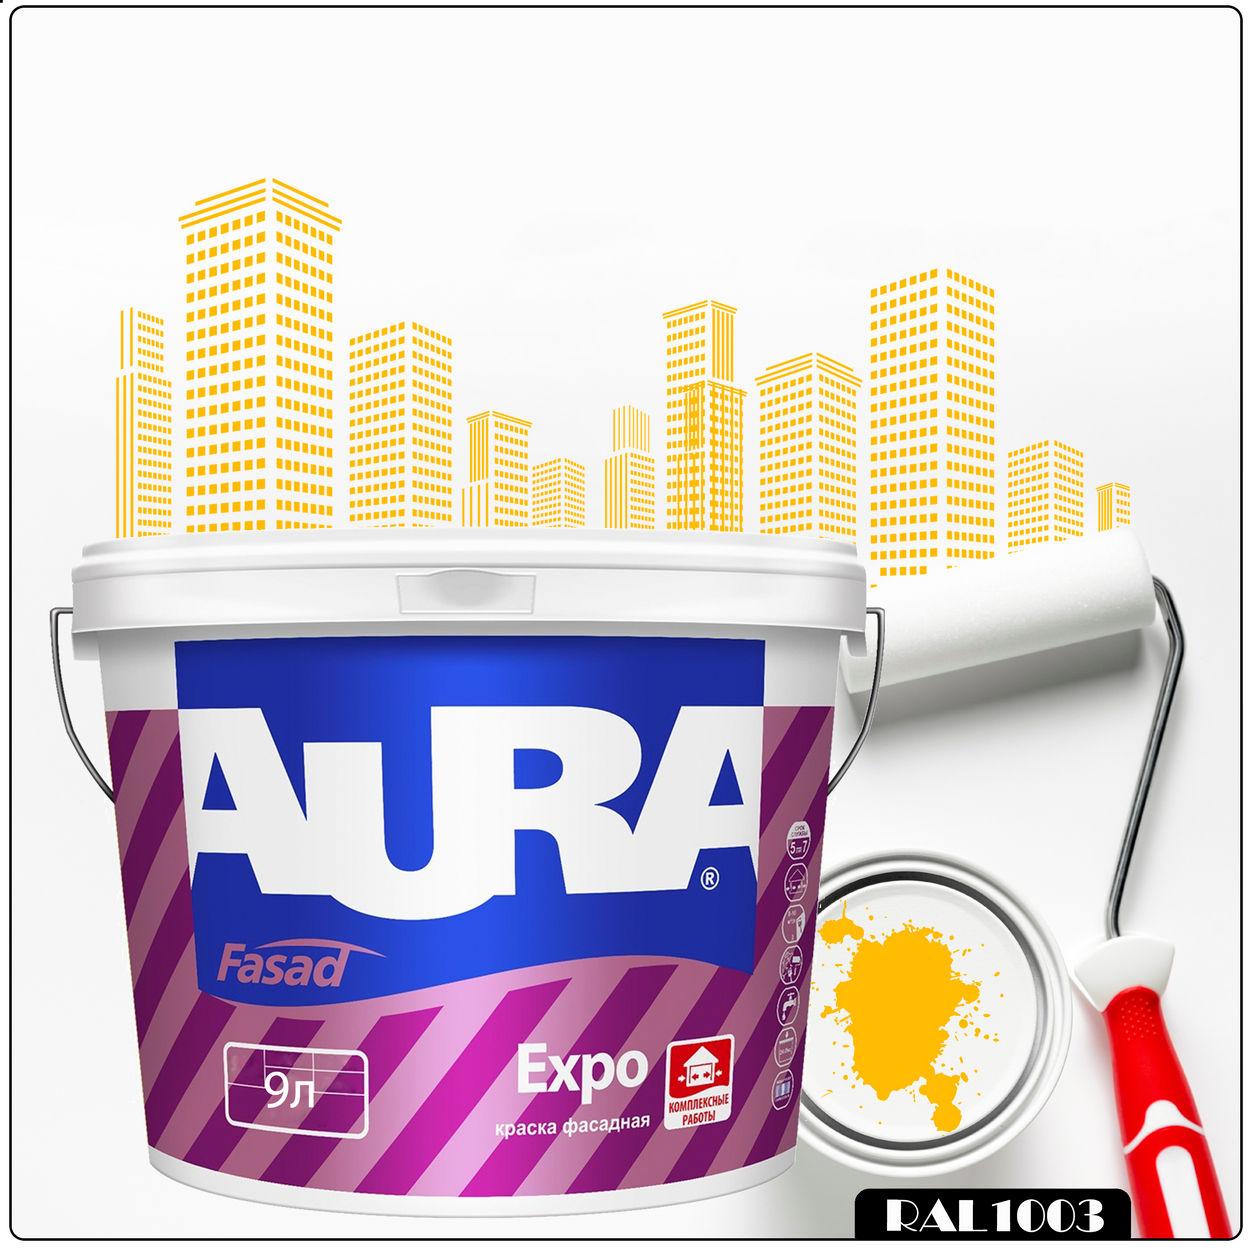 Фото 4 - Краска Aura Fasad Expo, RAL 1003 Сигнально-жёлтый, матовая, для фасадов и помещений с повышенной влажностью, 9л.